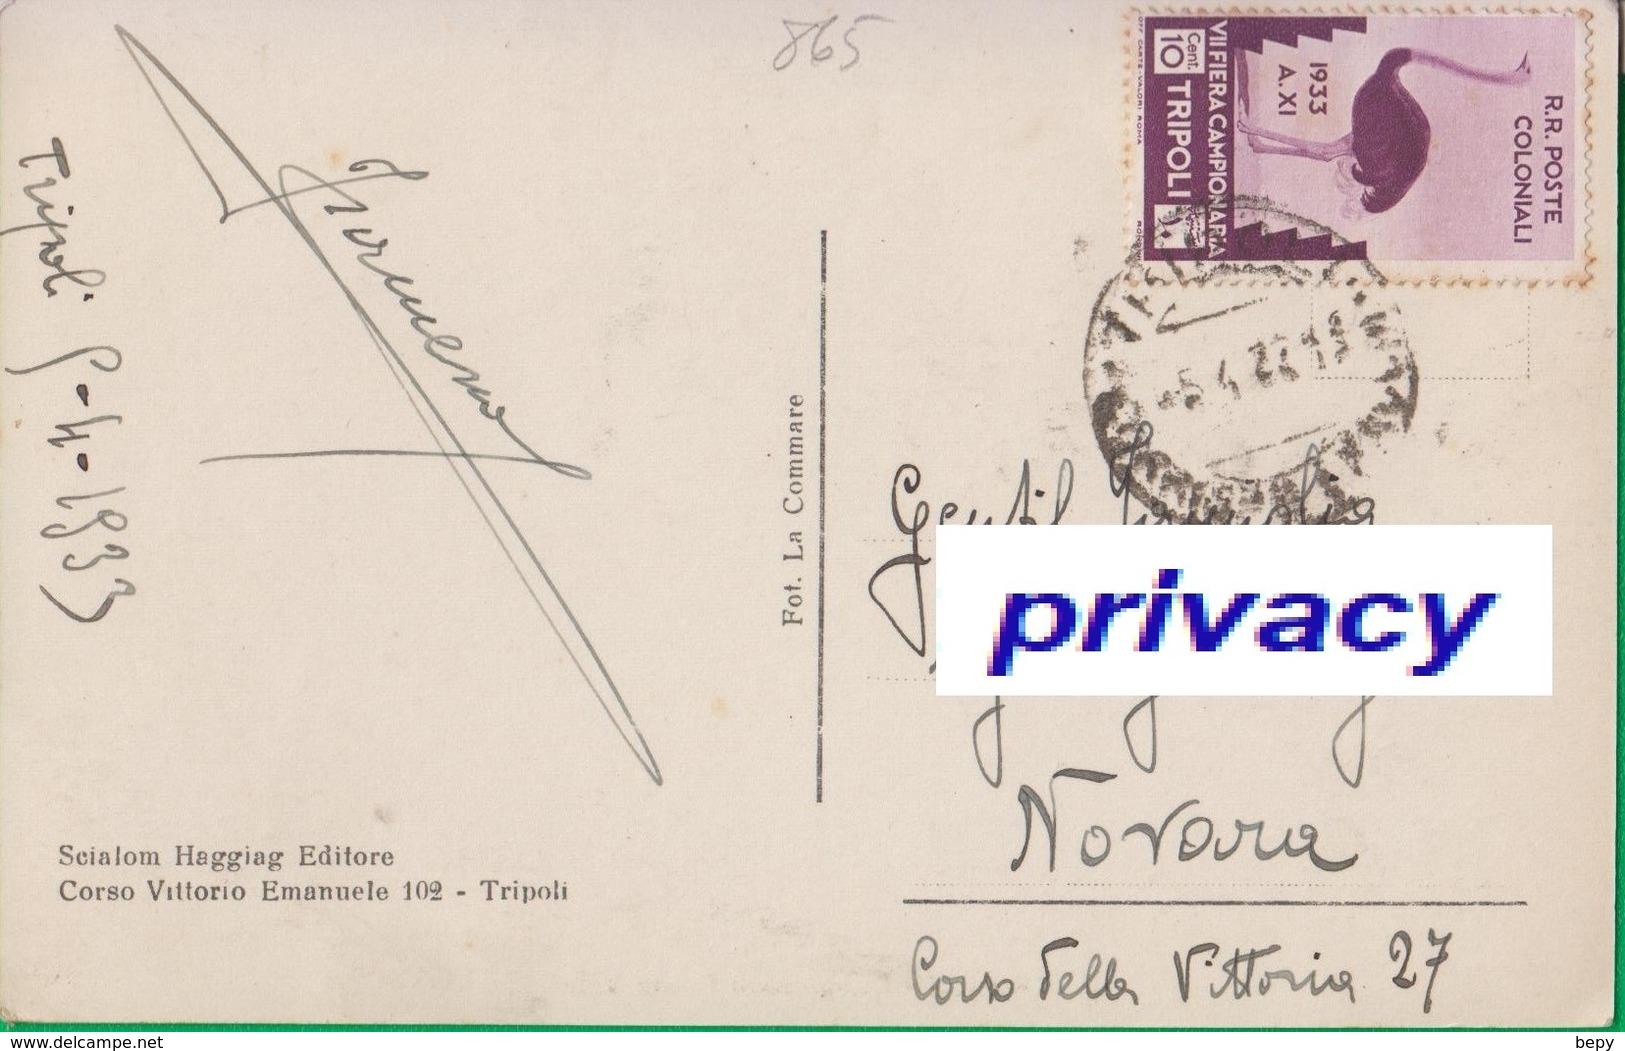 TRIPOLI. Cent. 10 Isolato Su Cartolina. Poste Coloniali. Colonie. Fiera Campionaria Di Tripoli.Struzzo.  865 - Libia